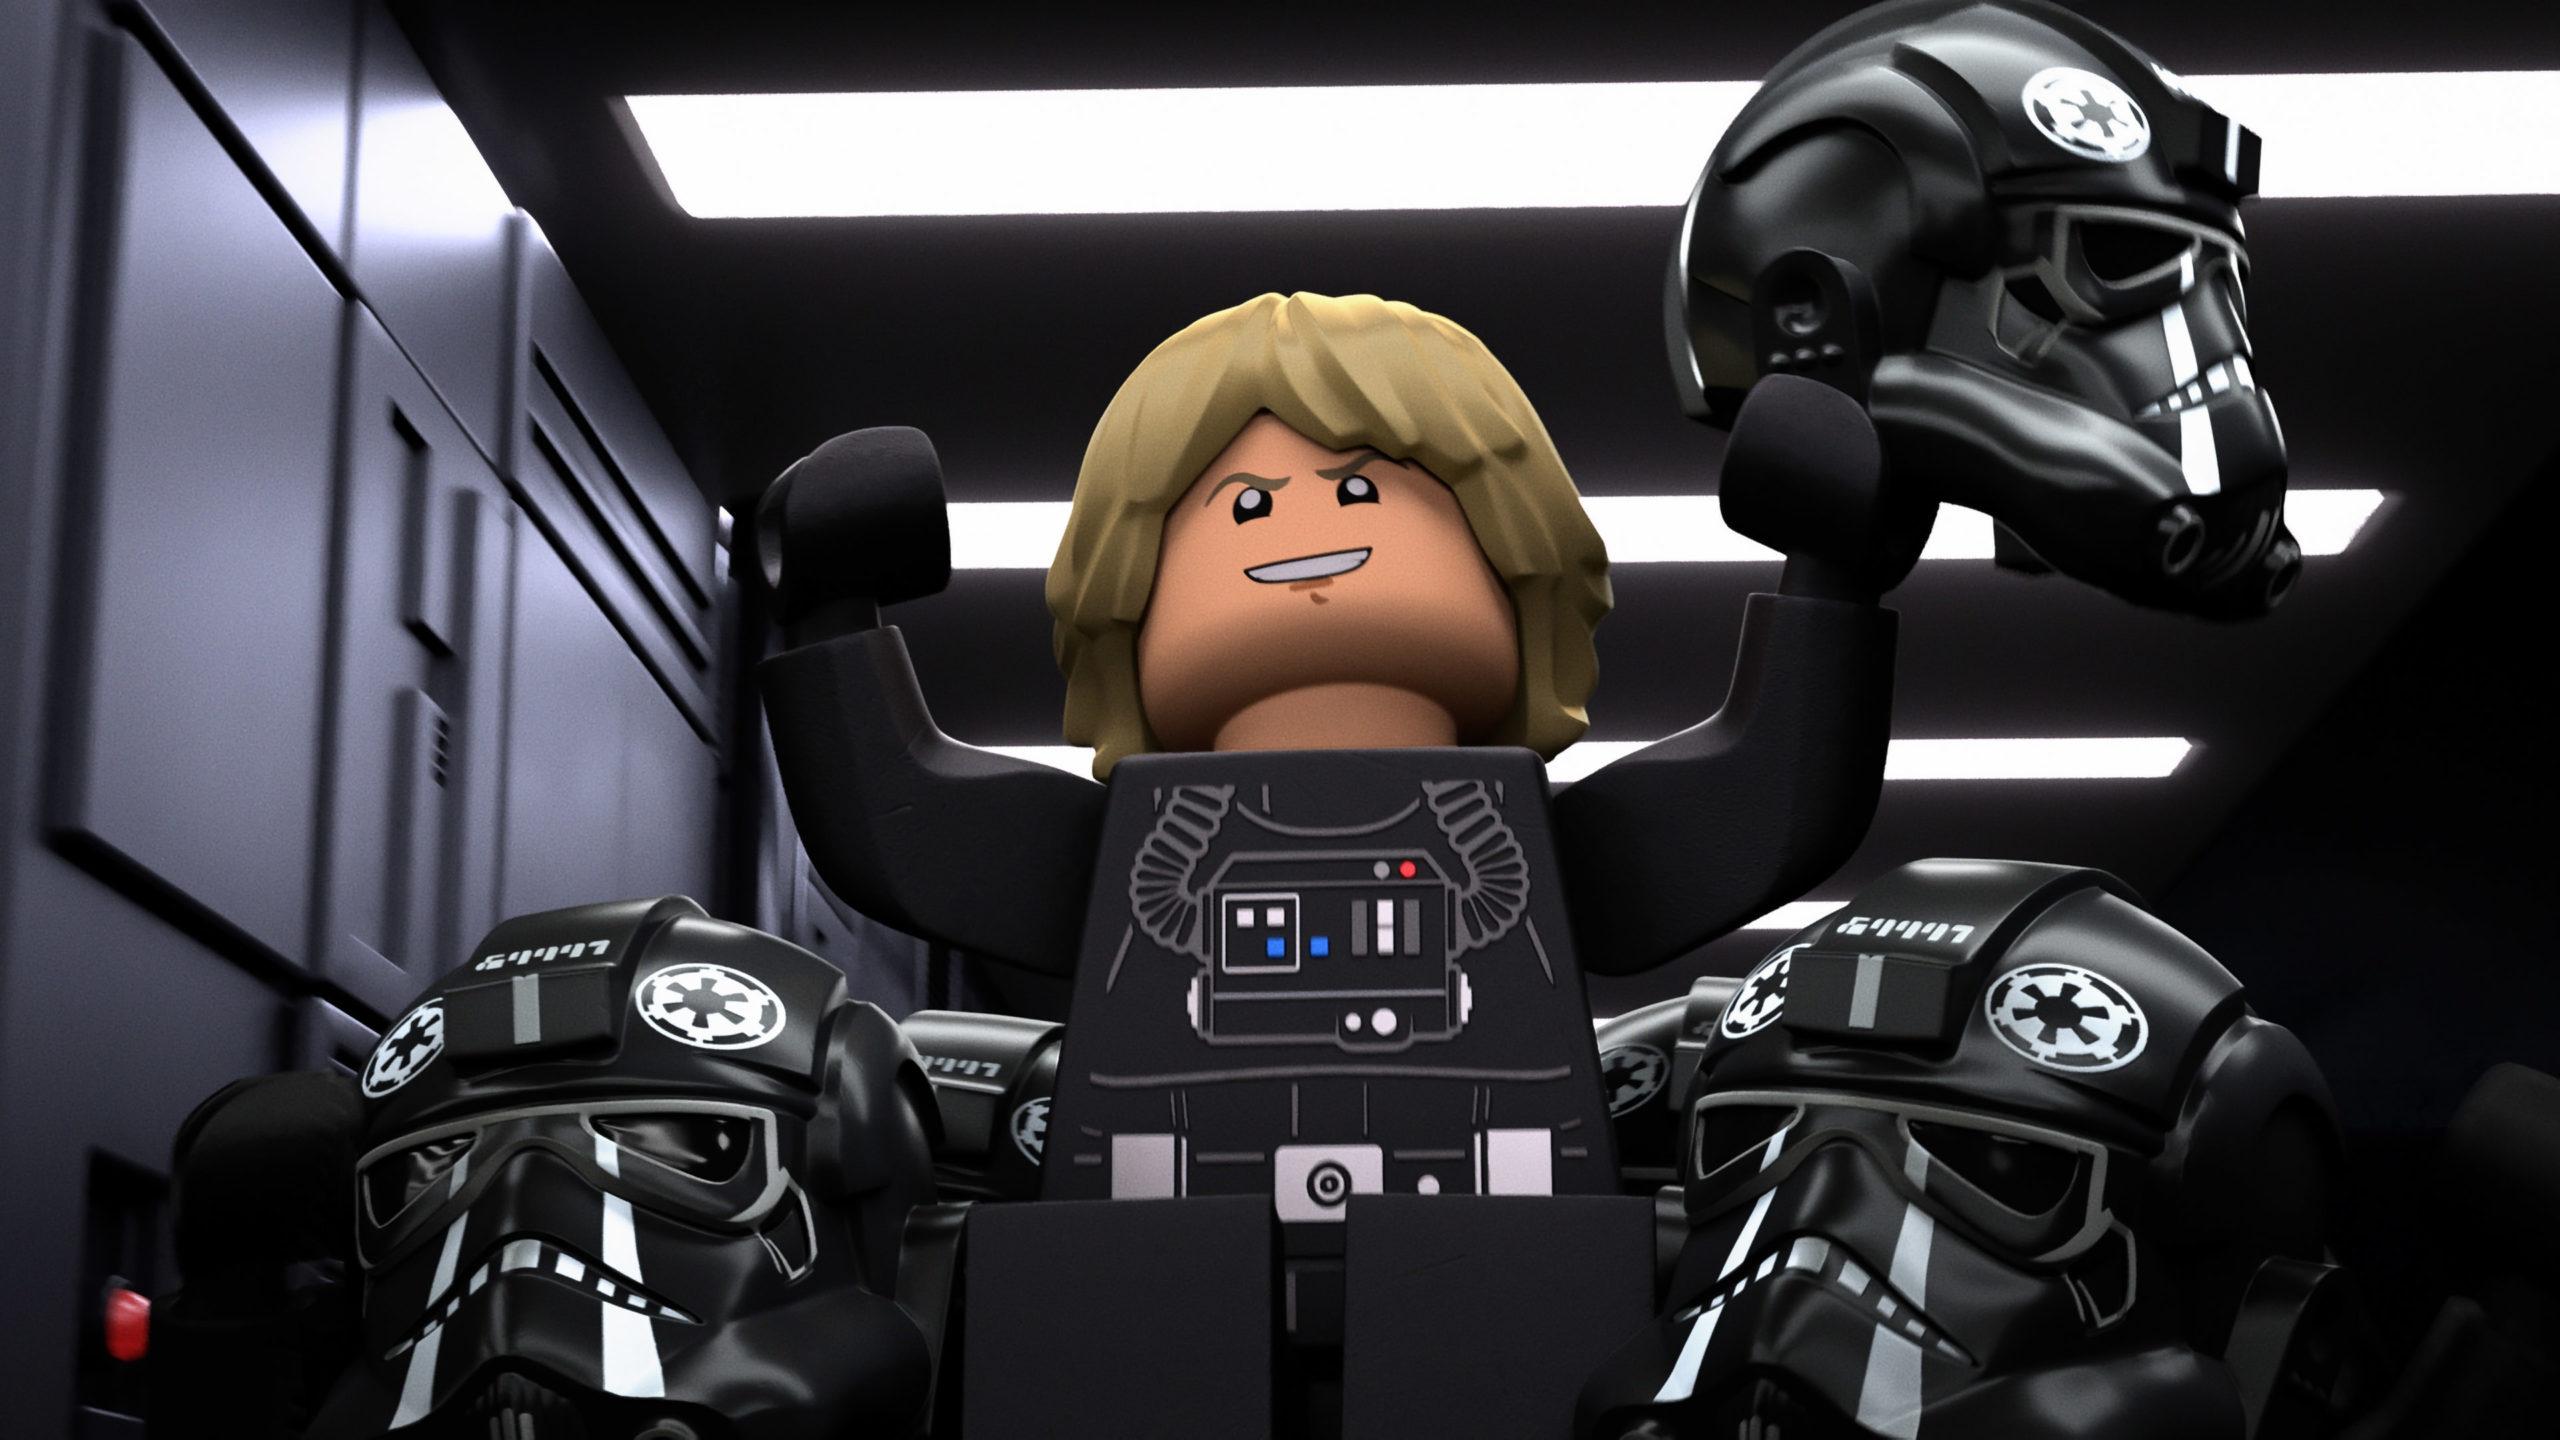 Un des segments du spécial montre une trame narrative alternative où Luke rejoint le côté obscur